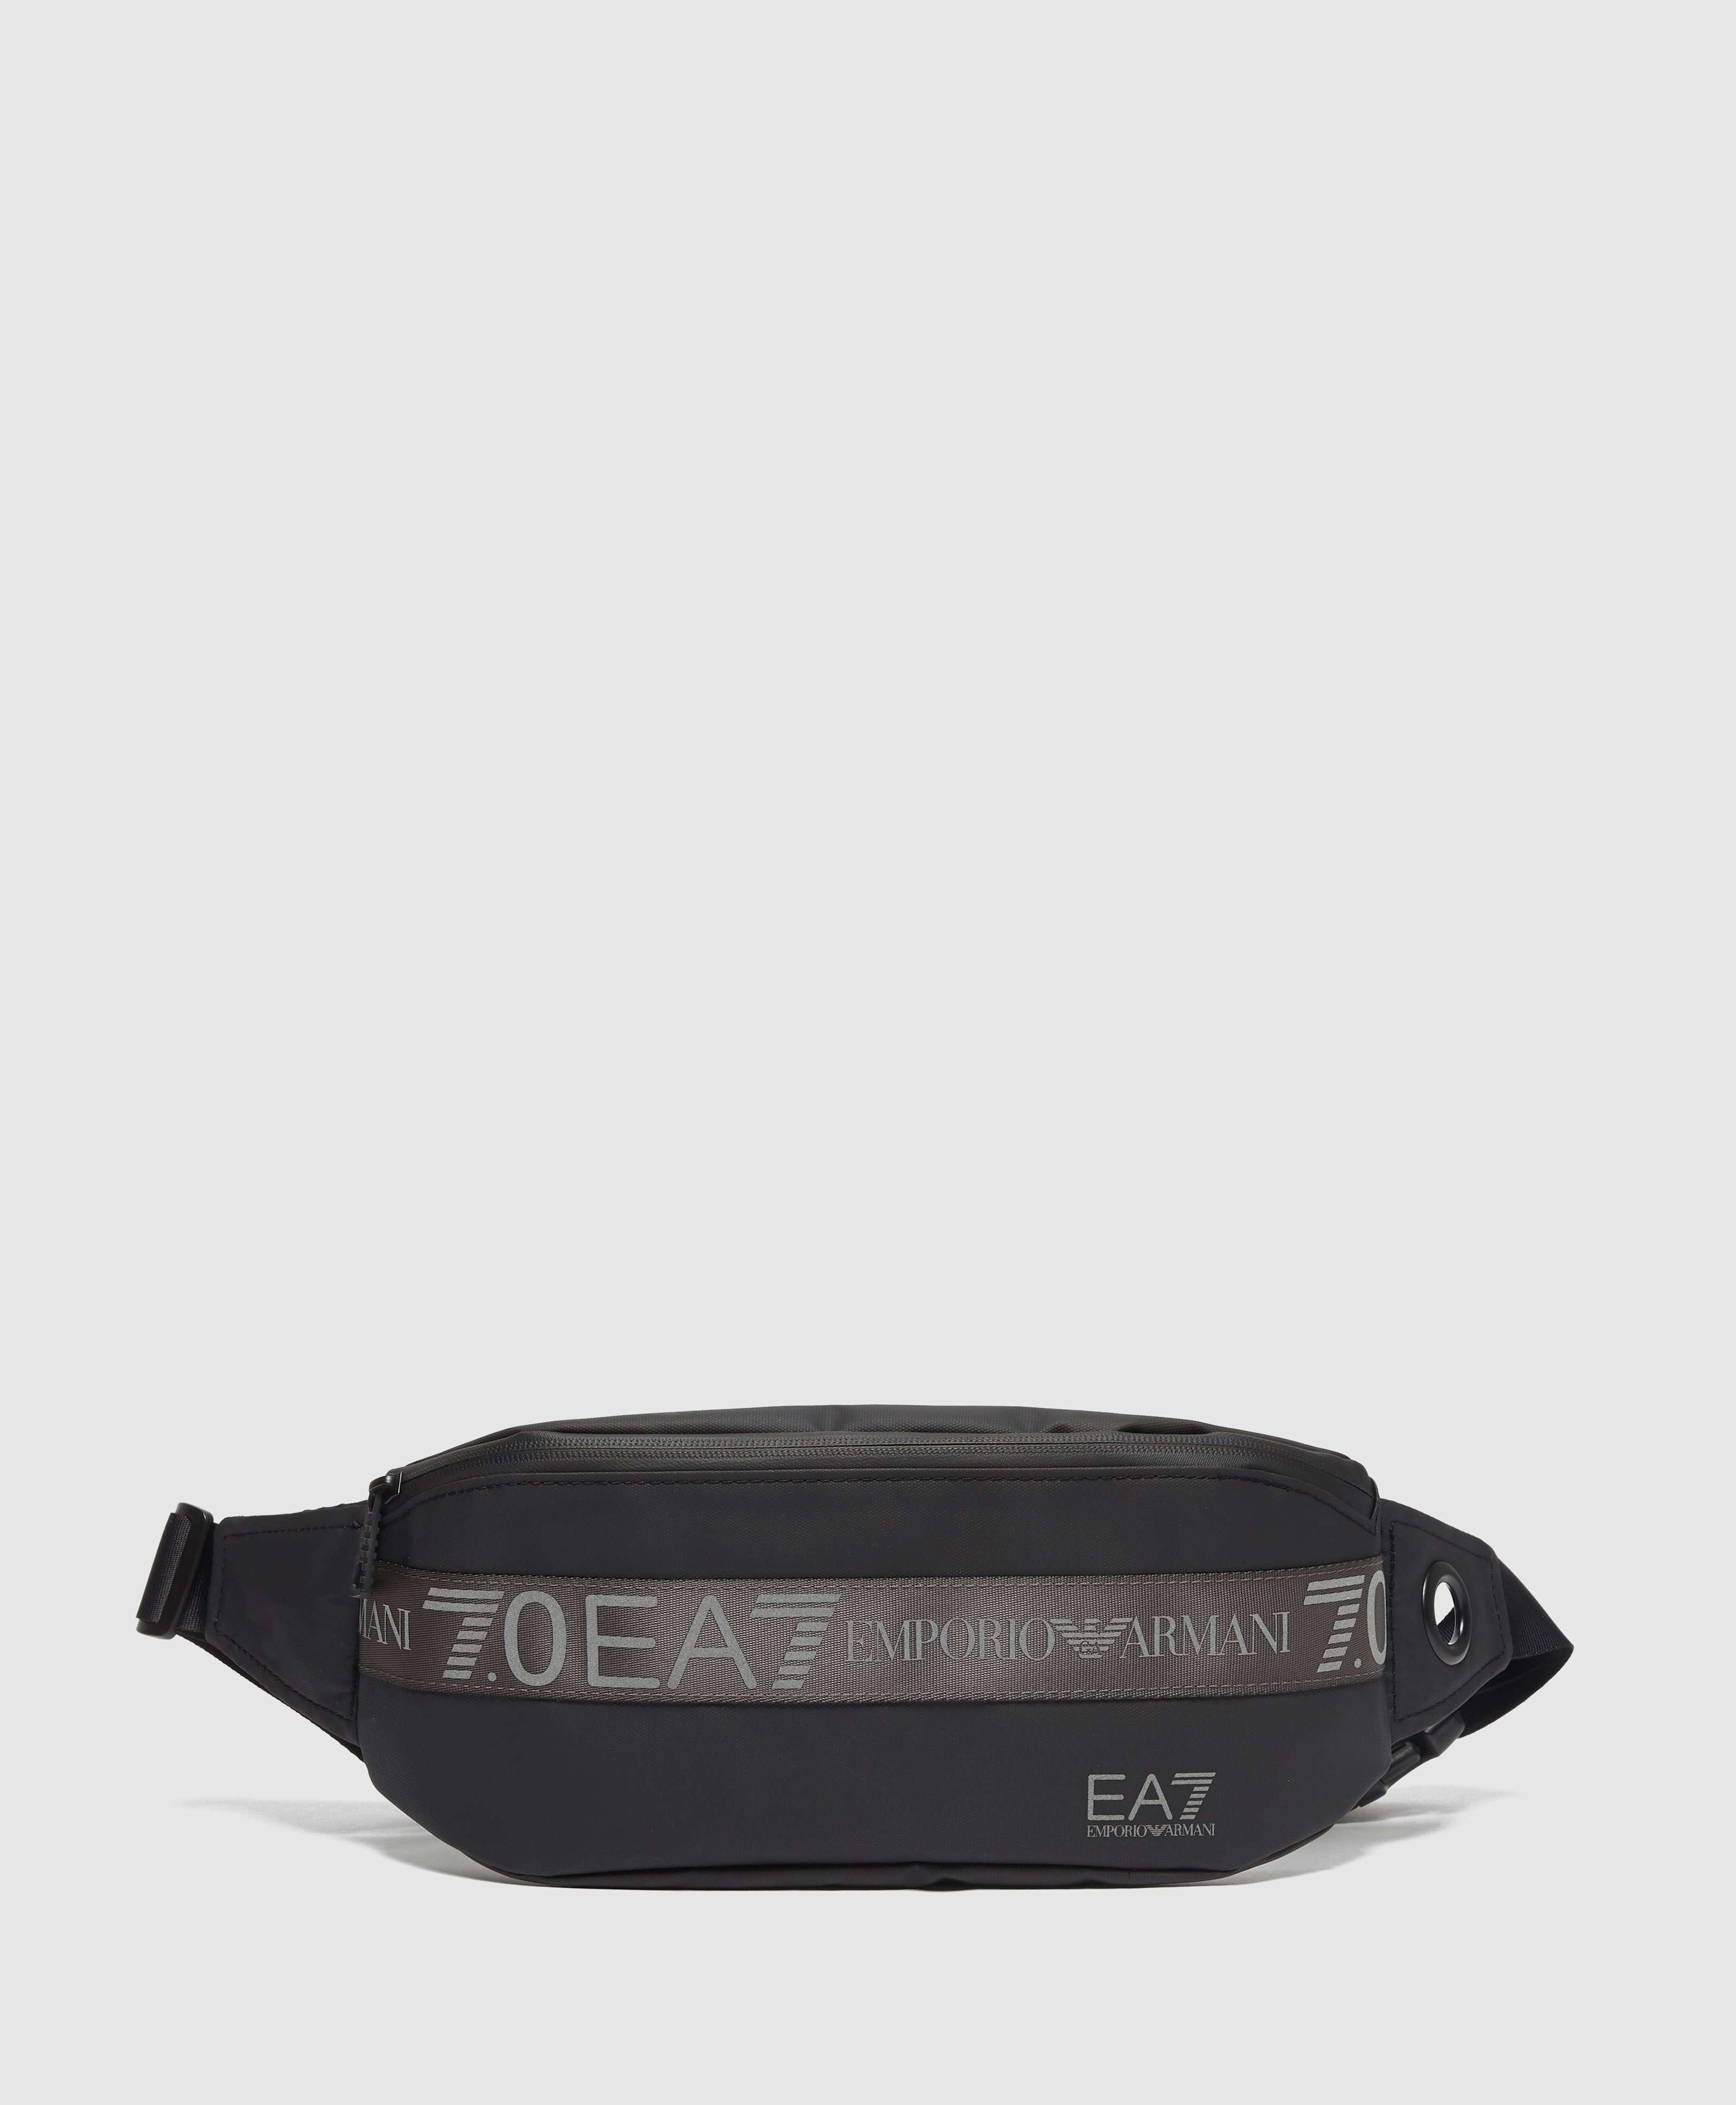 Emporio Armani EA7 7.0 Sling Bum Bag